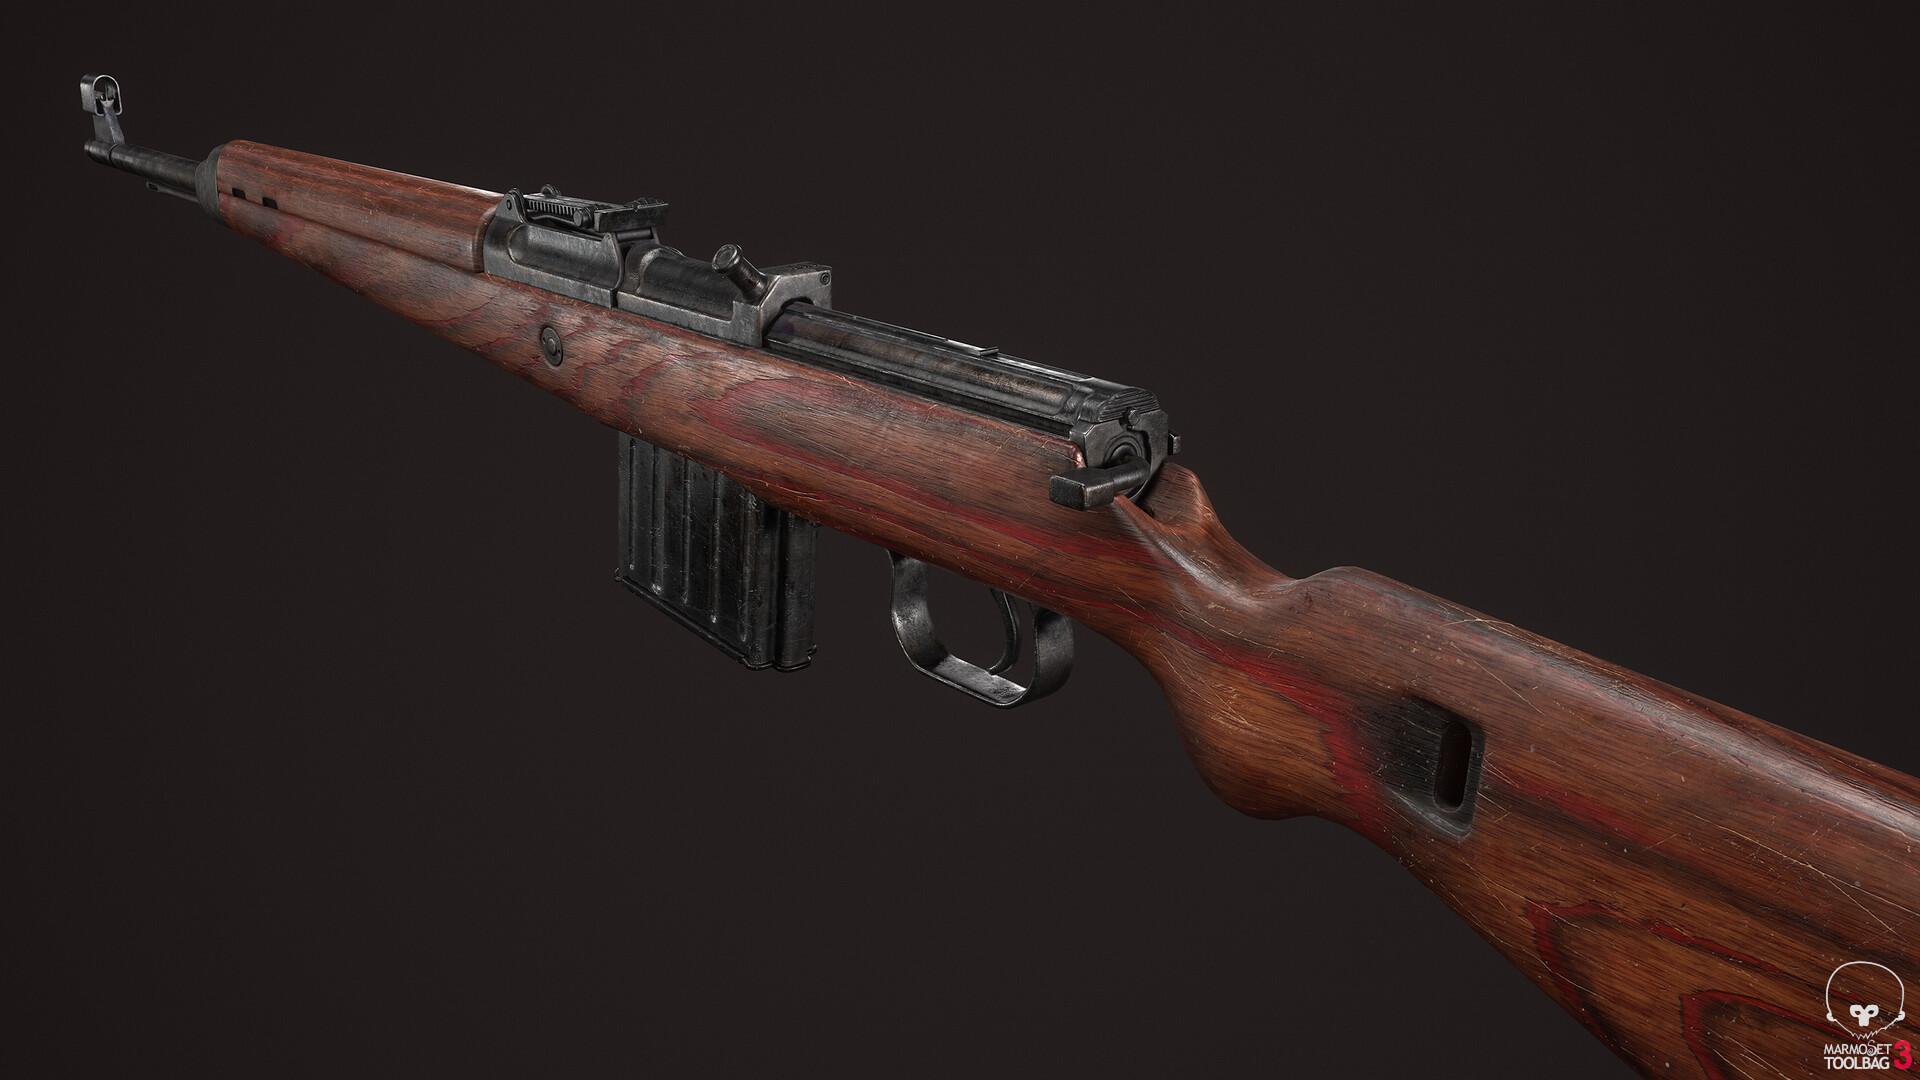 David letondor david letondor gewehr43 03